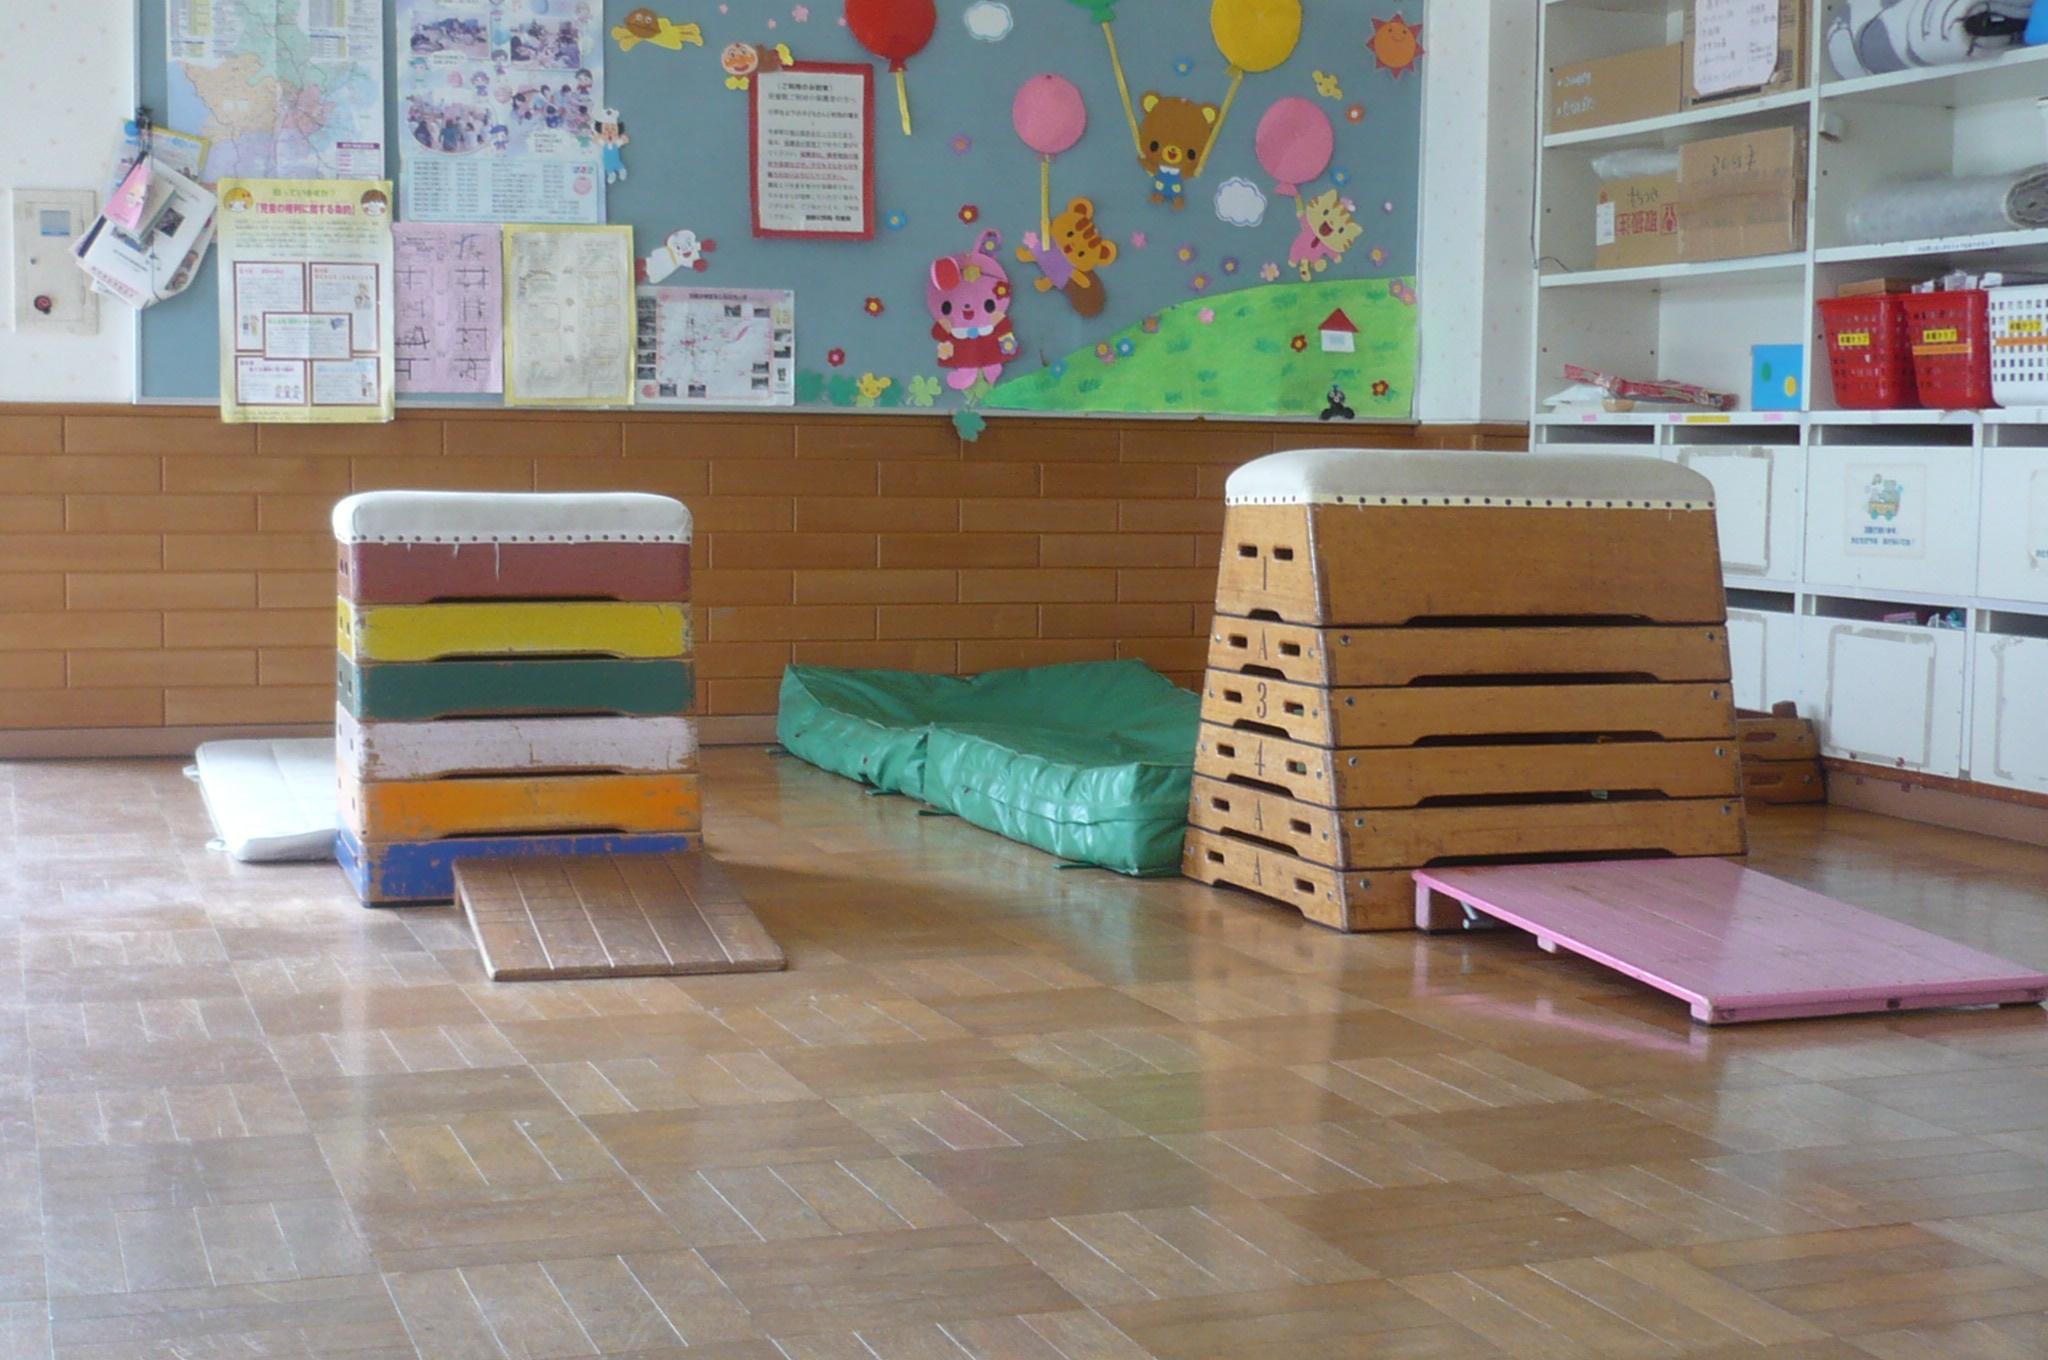 児童館 とび箱